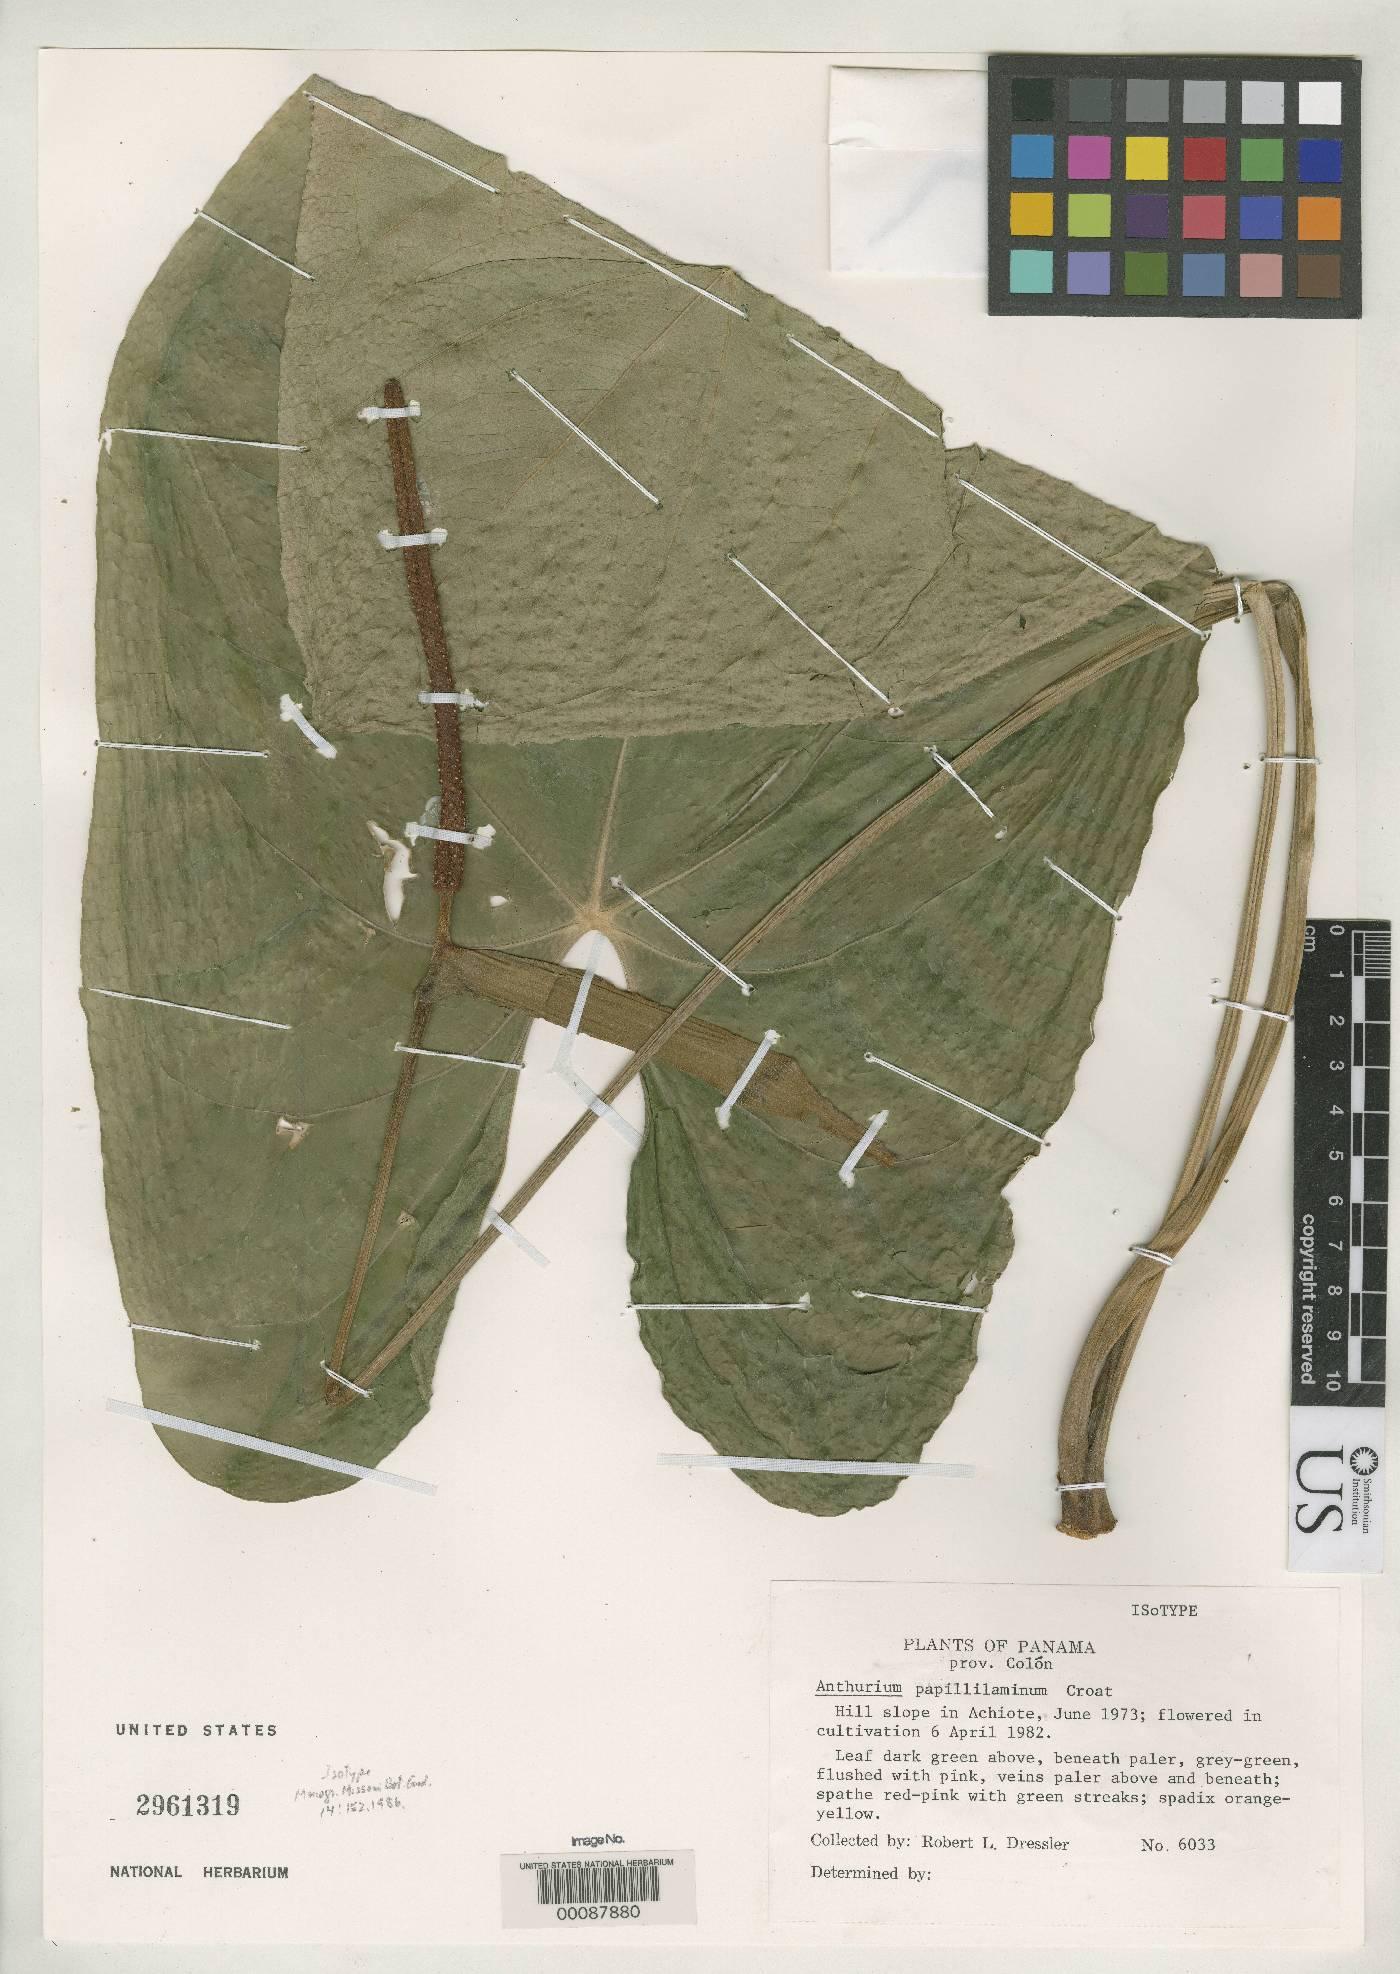 Anthurium papillilaminum image